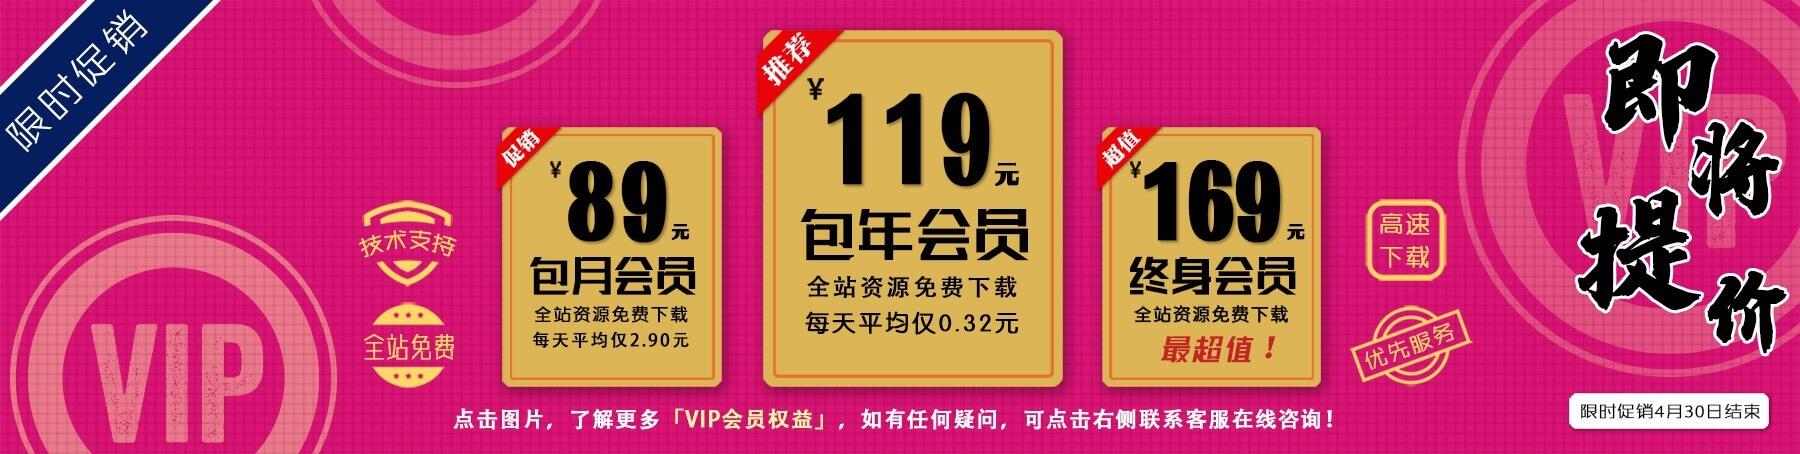 【包年会员】【全站免费下载】【只需99元】迎新促销!